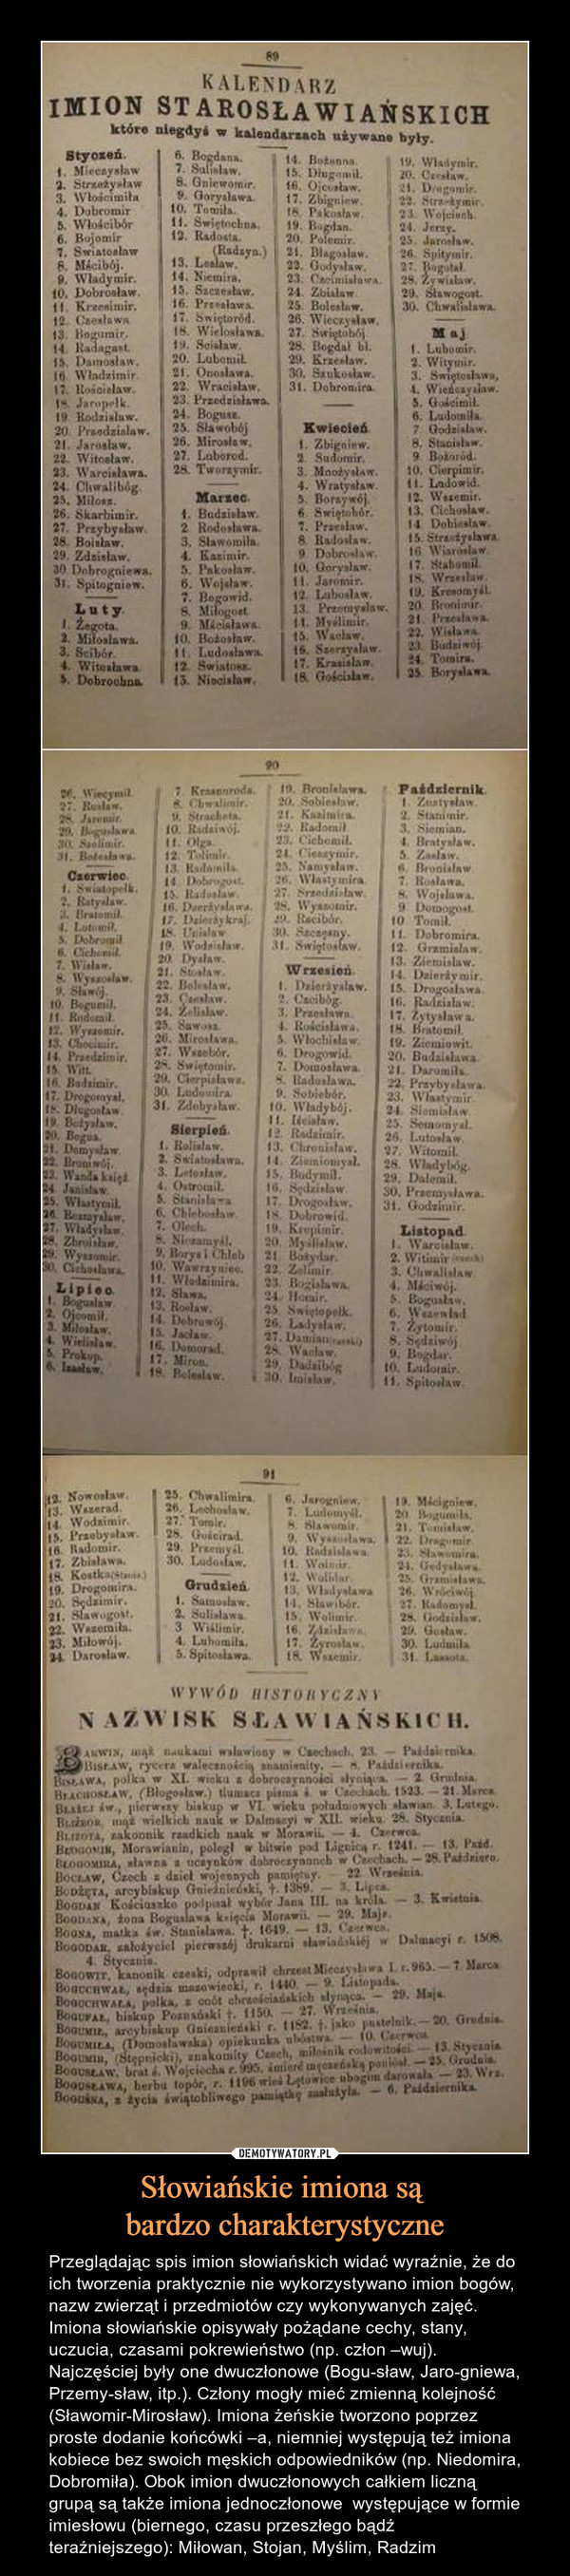 Słowiańskie imiona są bardzo charakterystyczne – Przeglądając spis imion słowiańskich widać wyraźnie, że do ich tworzenia praktycznie nie wykorzystywano imion bogów, nazw zwierząt i przedmiotów czy wykonywanych zajęć. Imiona słowiańskie opisywały pożądane cechy, stany, uczucia, czasami pokrewieństwo (np. człon –wuj). Najczęściej były one dwuczłonowe (Bogu-sław, Jaro-gniewa, Przemy-sław, itp.). Człony mogły mieć zmienną kolejność (Sławomir-Mirosław). Imiona żeńskie tworzono poprzez proste dodanie końcówki –a, niemniej występują też imiona kobiece bez swoich męskich odpowiedników (np. Niedomira, Dobromiła). Obok imion dwuczłonowych całkiem liczną grupą są także imiona jednoczłonowe  występujące w formie imiesłowu (biernego, czasu przeszłego bądź teraźniejszego): Miłowan, Stojan, Myślim, Radzim KALENDARZ IMION STAROSŁOWIAŃSKICH,KTÓRE NIEGDYŚ W KALENDARZACH UŻYWANE BYŁY